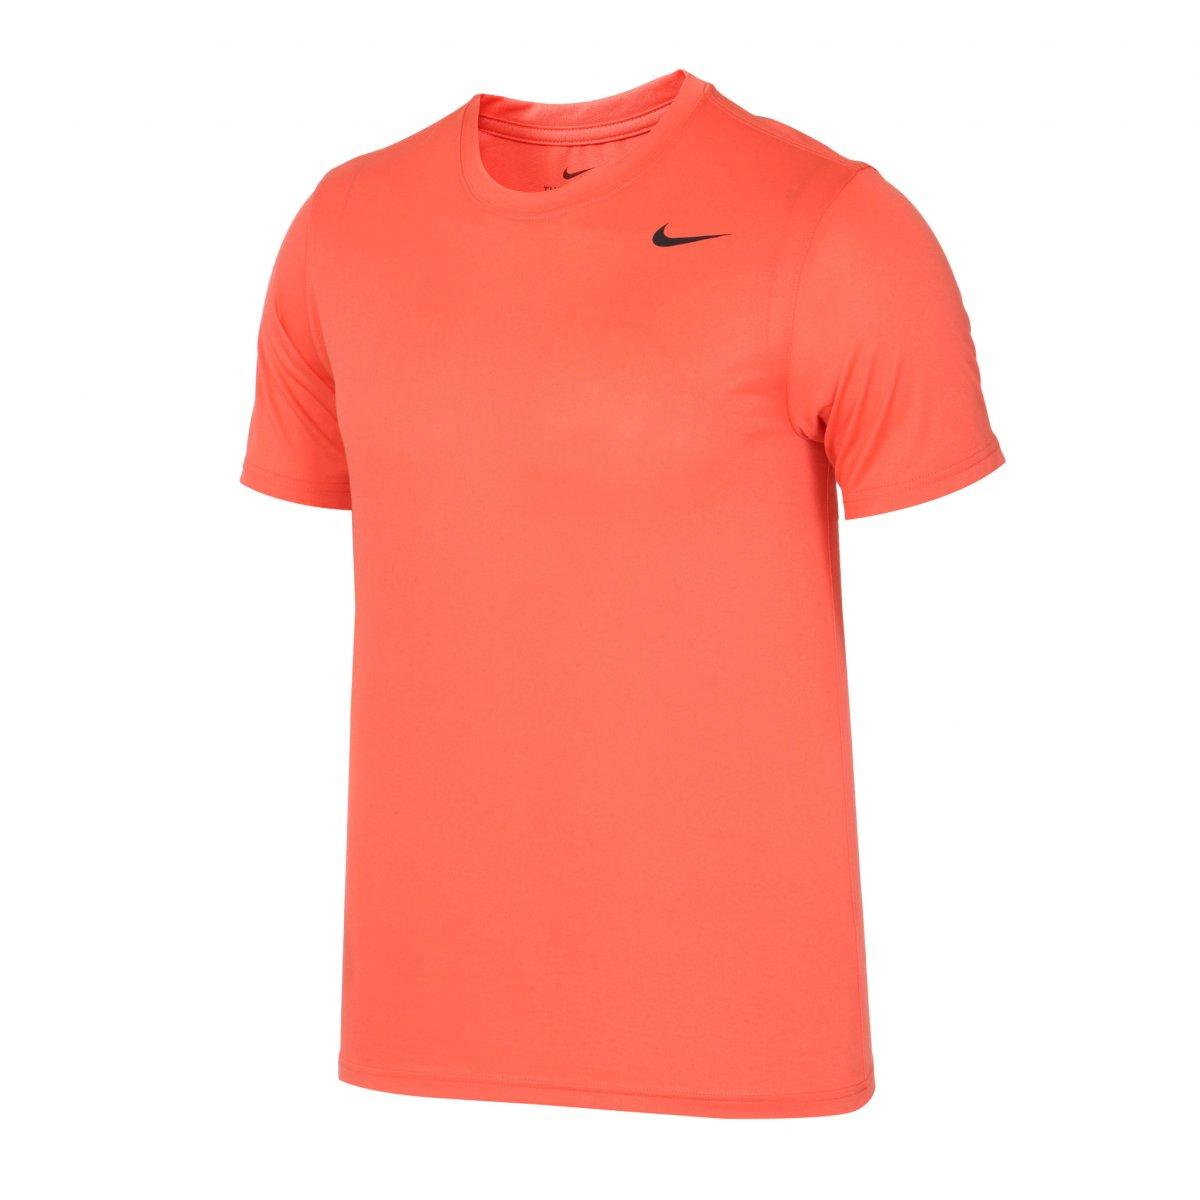 Camiseta Nike Legend 2.0 SS Tee Laranja